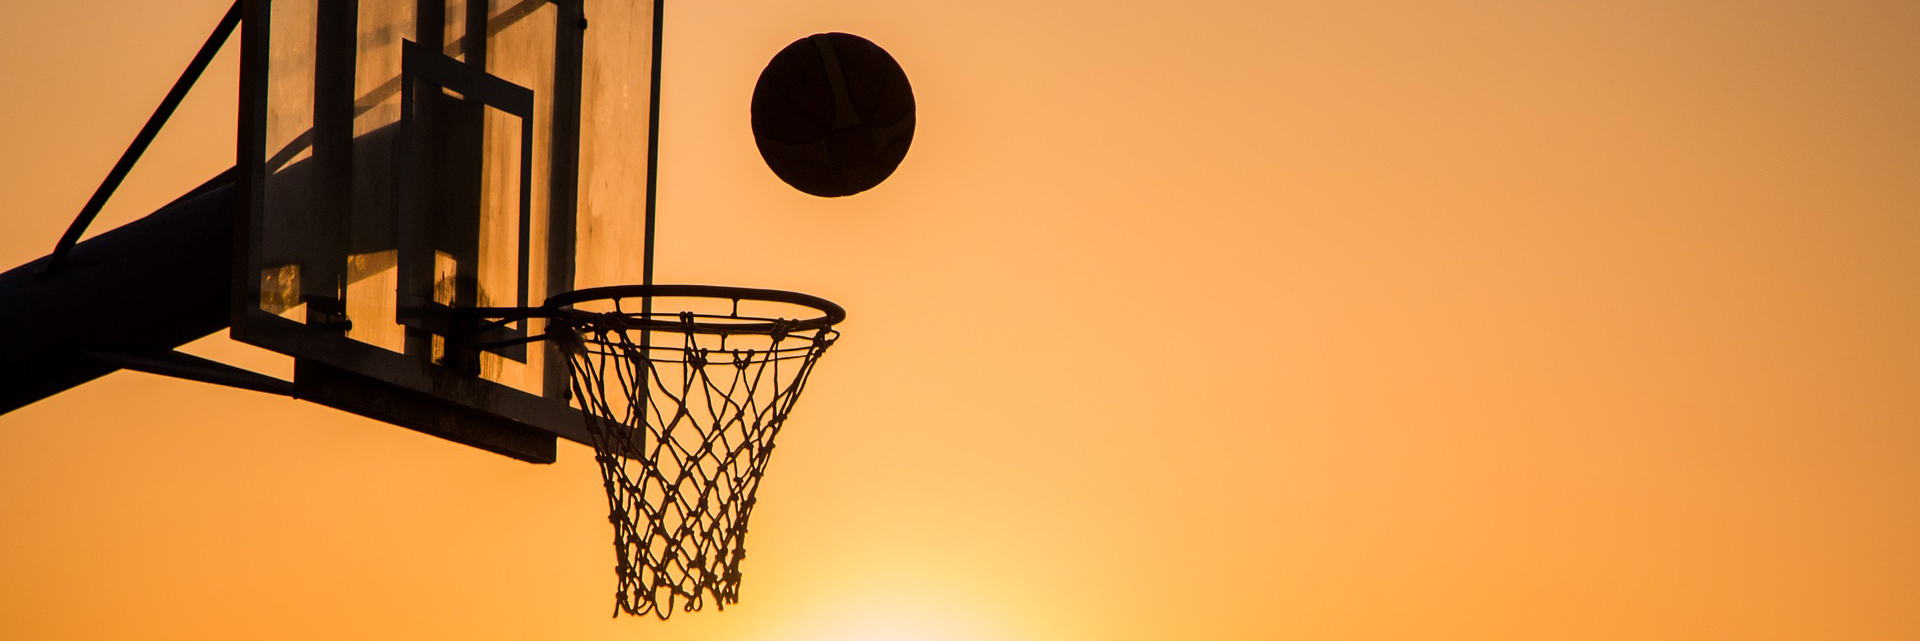 Basketball Tours